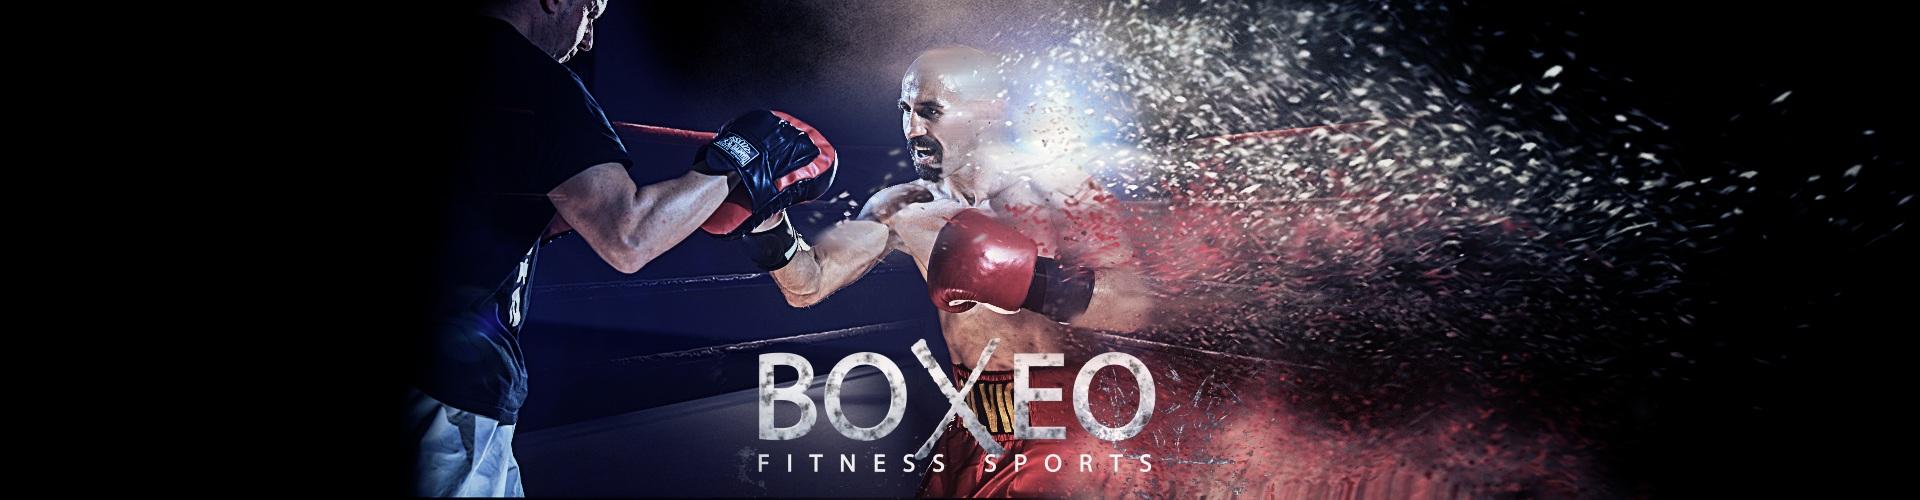 https://www.perfectpixel.es/wp-content/uploads/2016/01/Nueva-escuela-de-Boxeo-Fitness-sports-Valle-las-Ca%C3%B1as-by-PerfectPixel-Publicidad-Wide.jpg